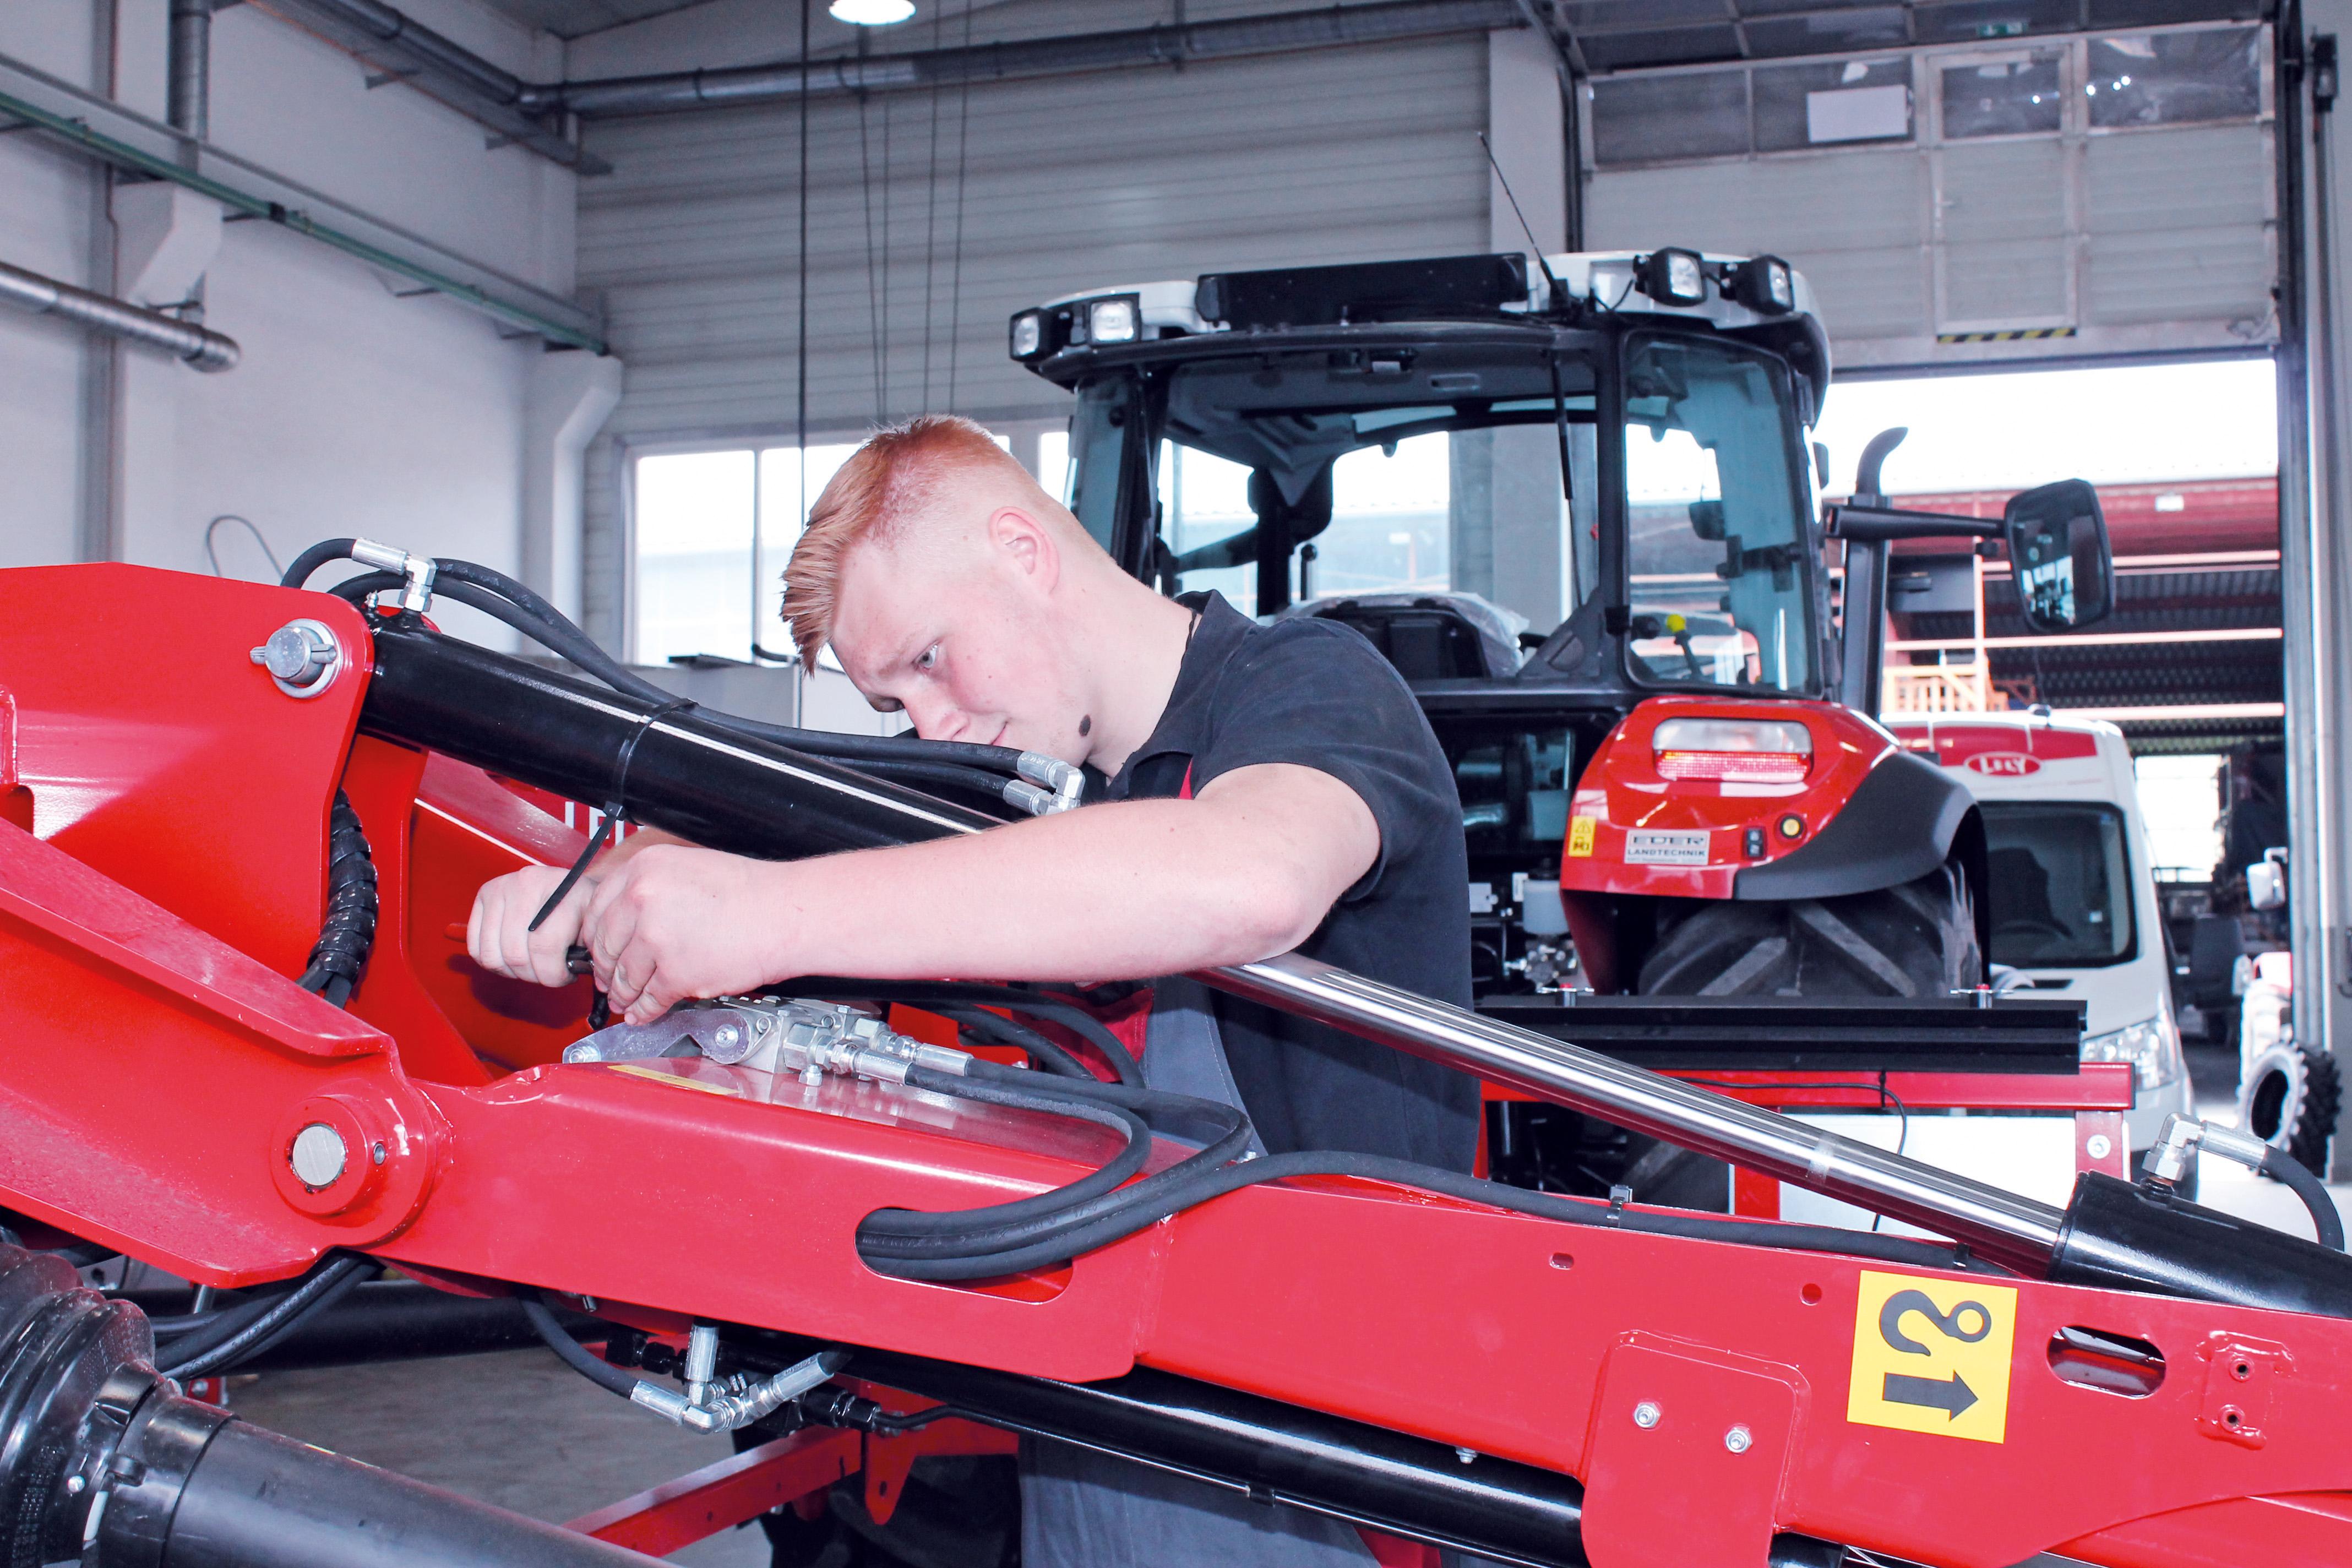 Ausbildungsplatz zum Mechatroniker (m/w/d) für Land- und Baumaschinentechnik in Pähl bei Weilheim